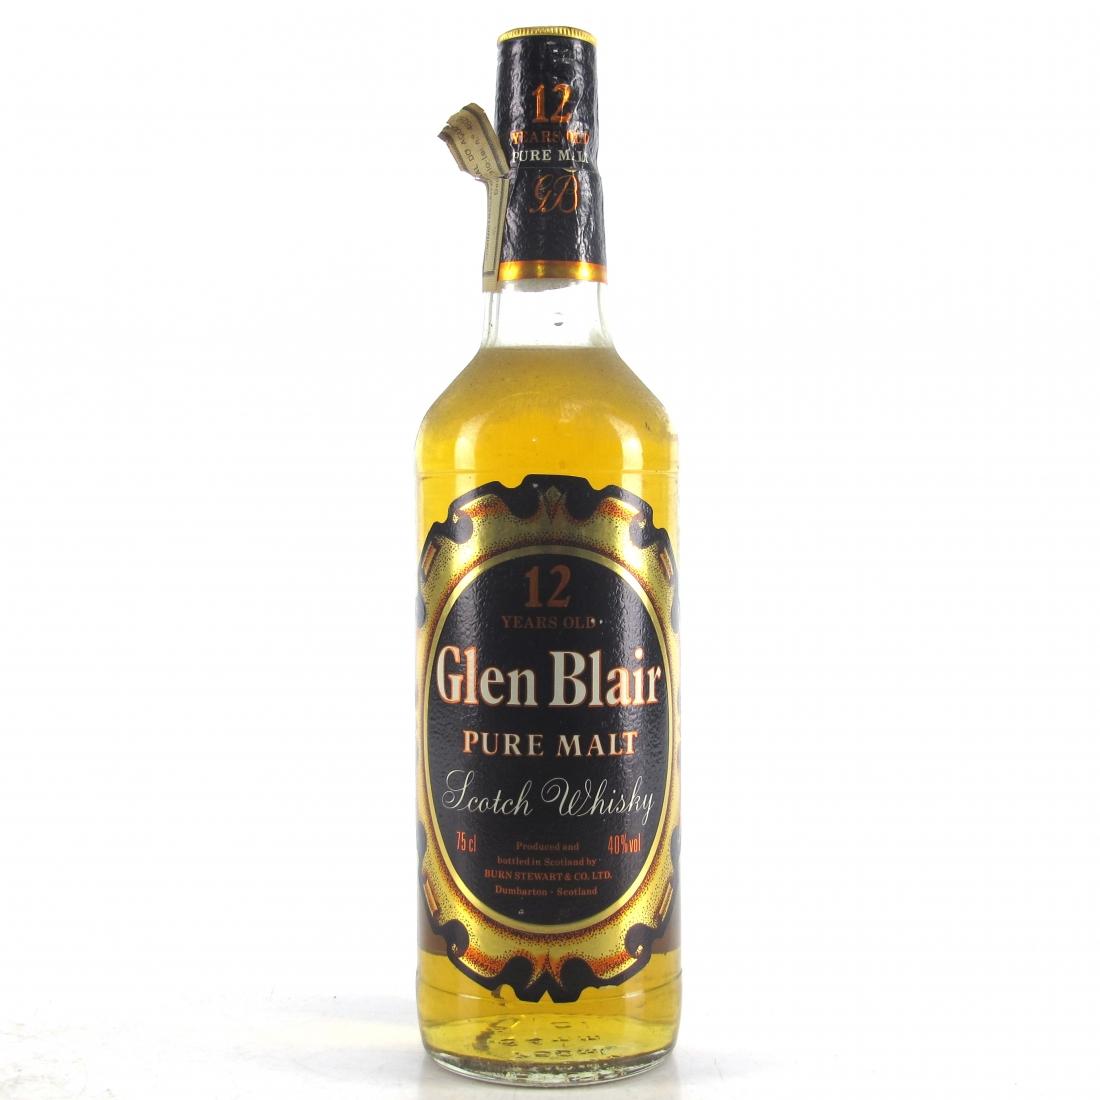 Glen Blair 12 Year Old Pure Malt